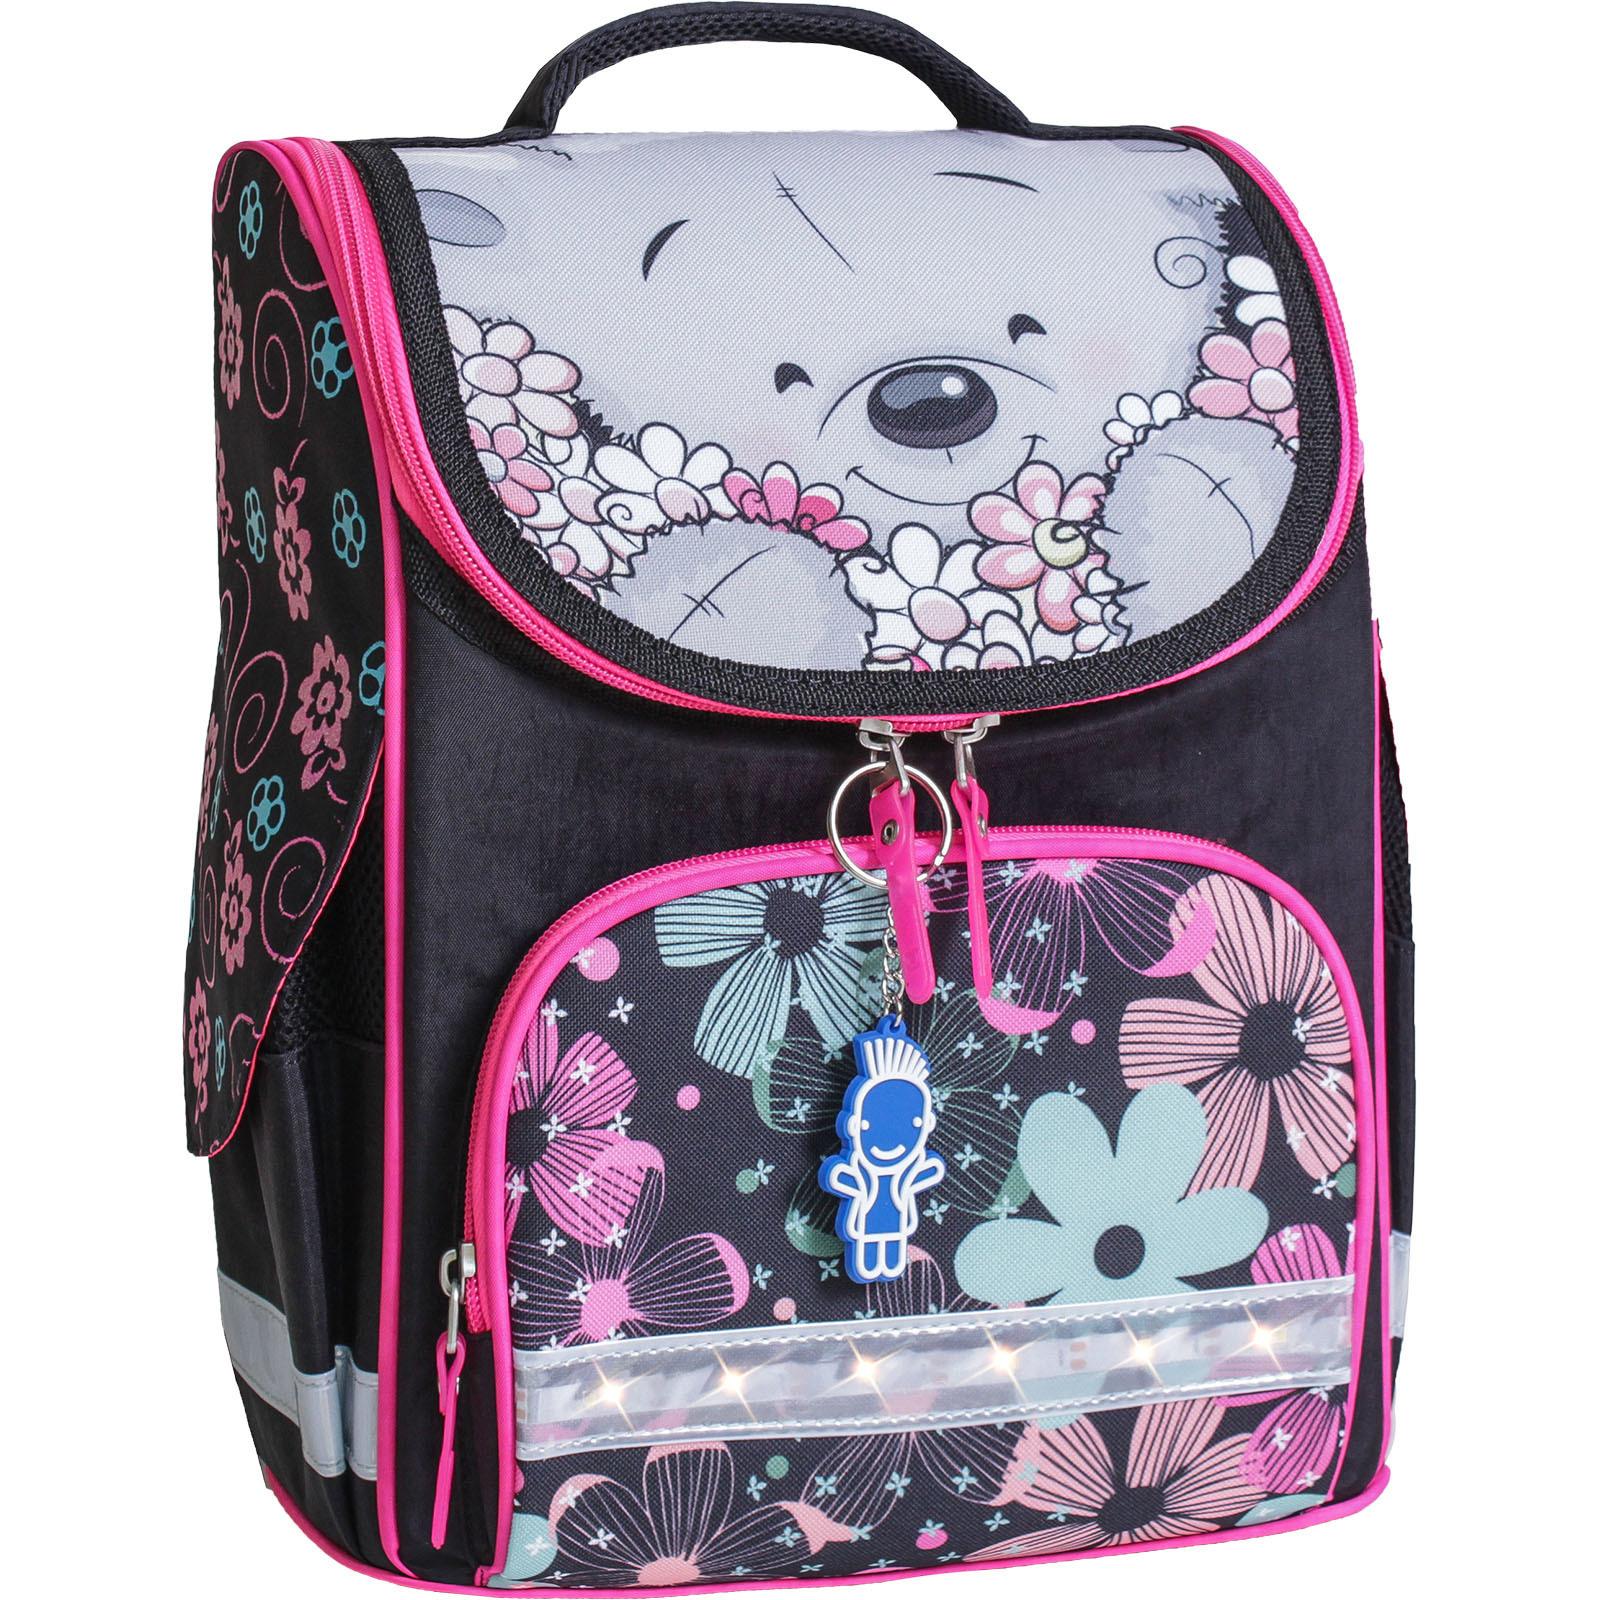 Школьные рюкзаки Рюкзак школьный каркасный с фонариками Bagland Успех 12 л. черный 406 (00551703) IMG_8019-1600.jpg